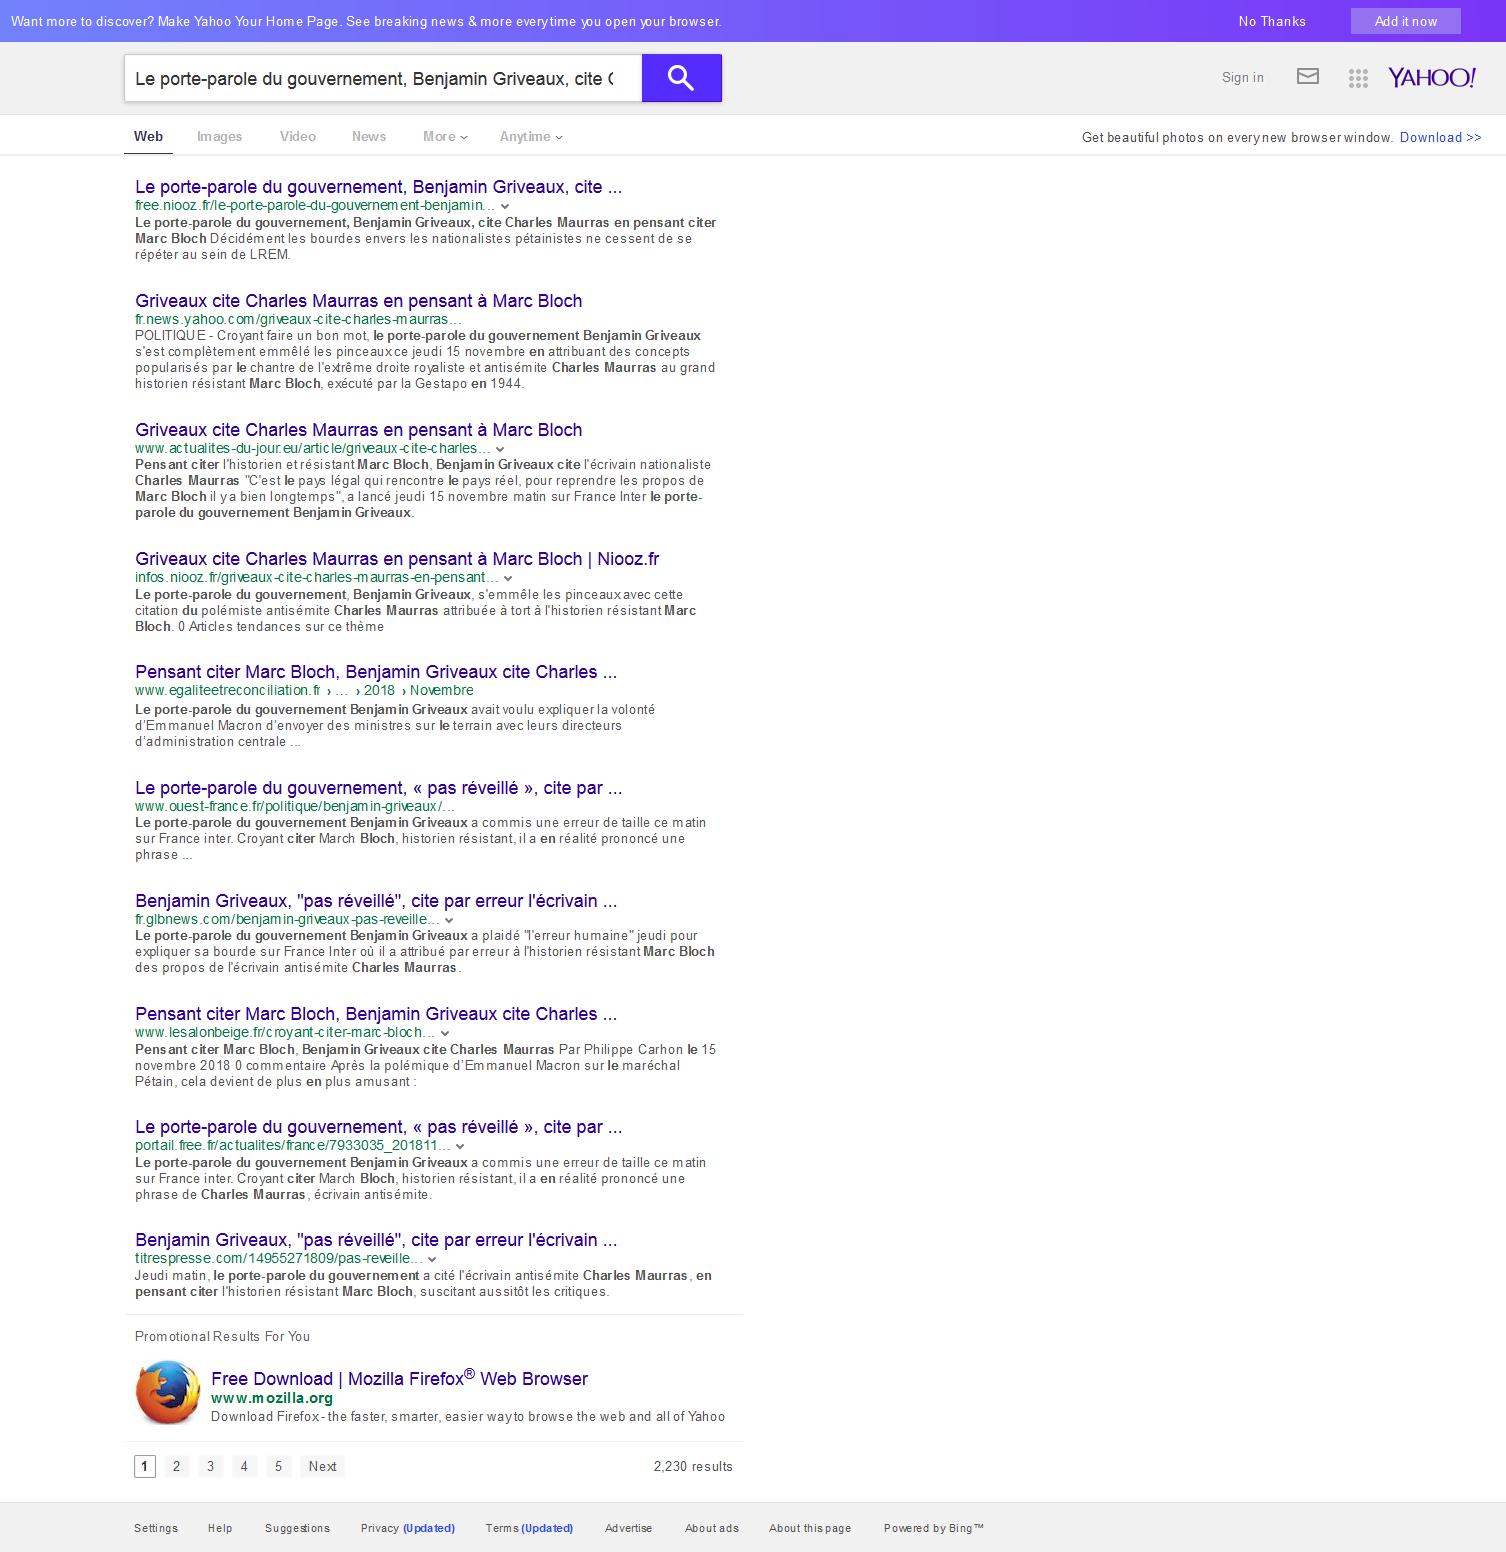 Les articles de SLT toujours déréférencés sur Yahoo, Bing, Duckdukgo, Qwant...